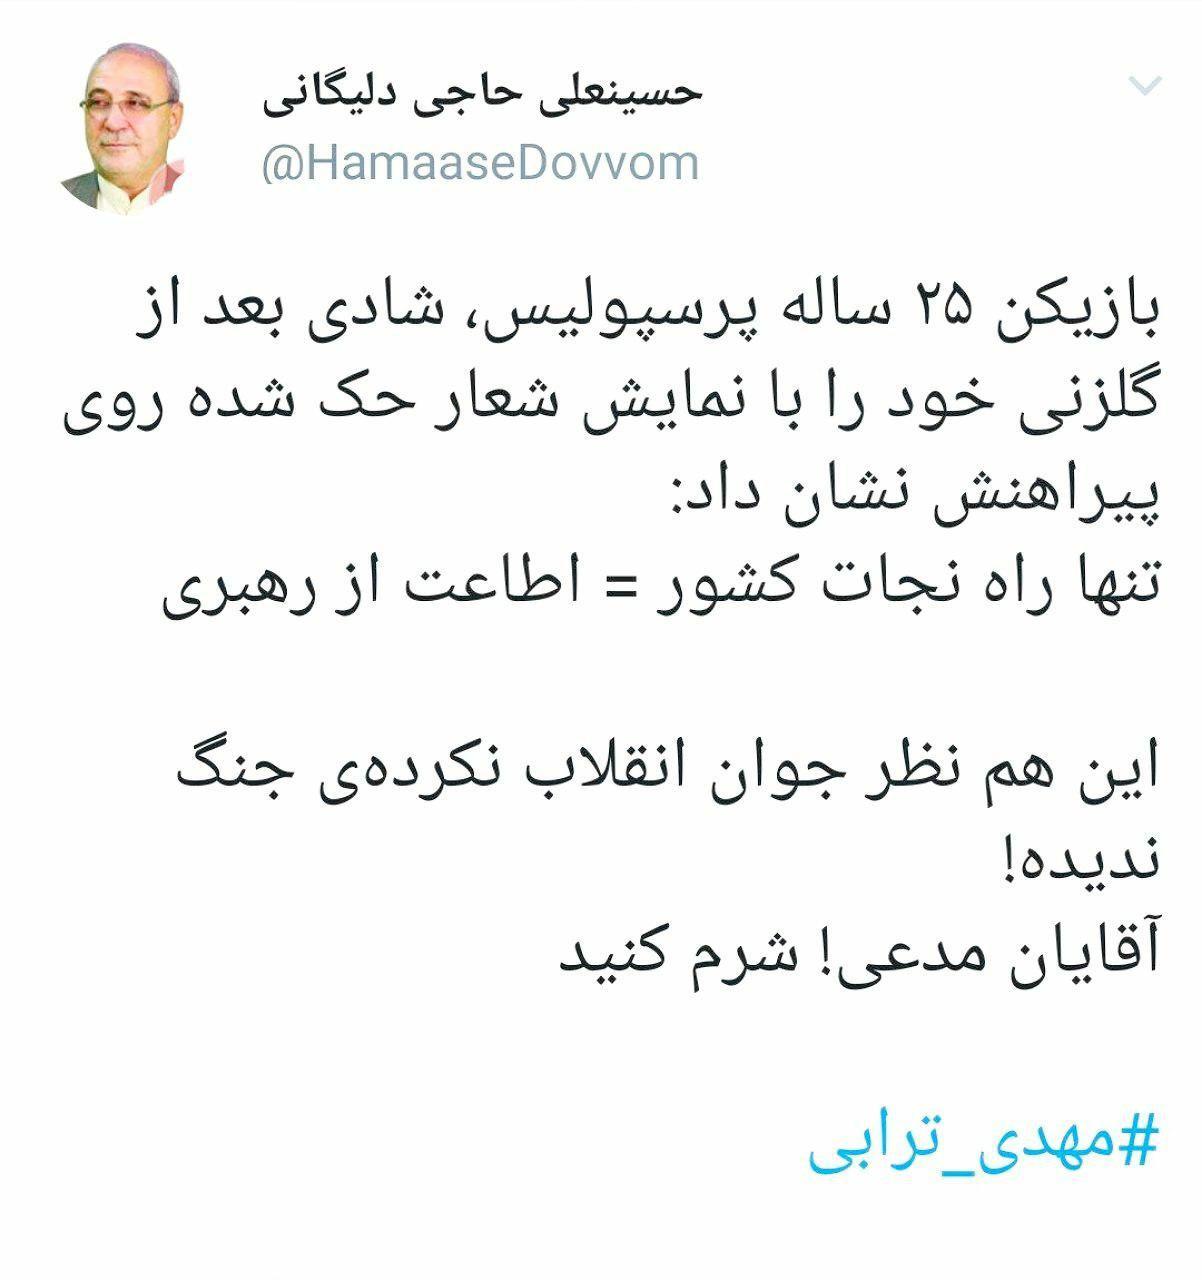 واکنش نماینده مجلس به اقدام جالب مهدی ترابی+ تصویر